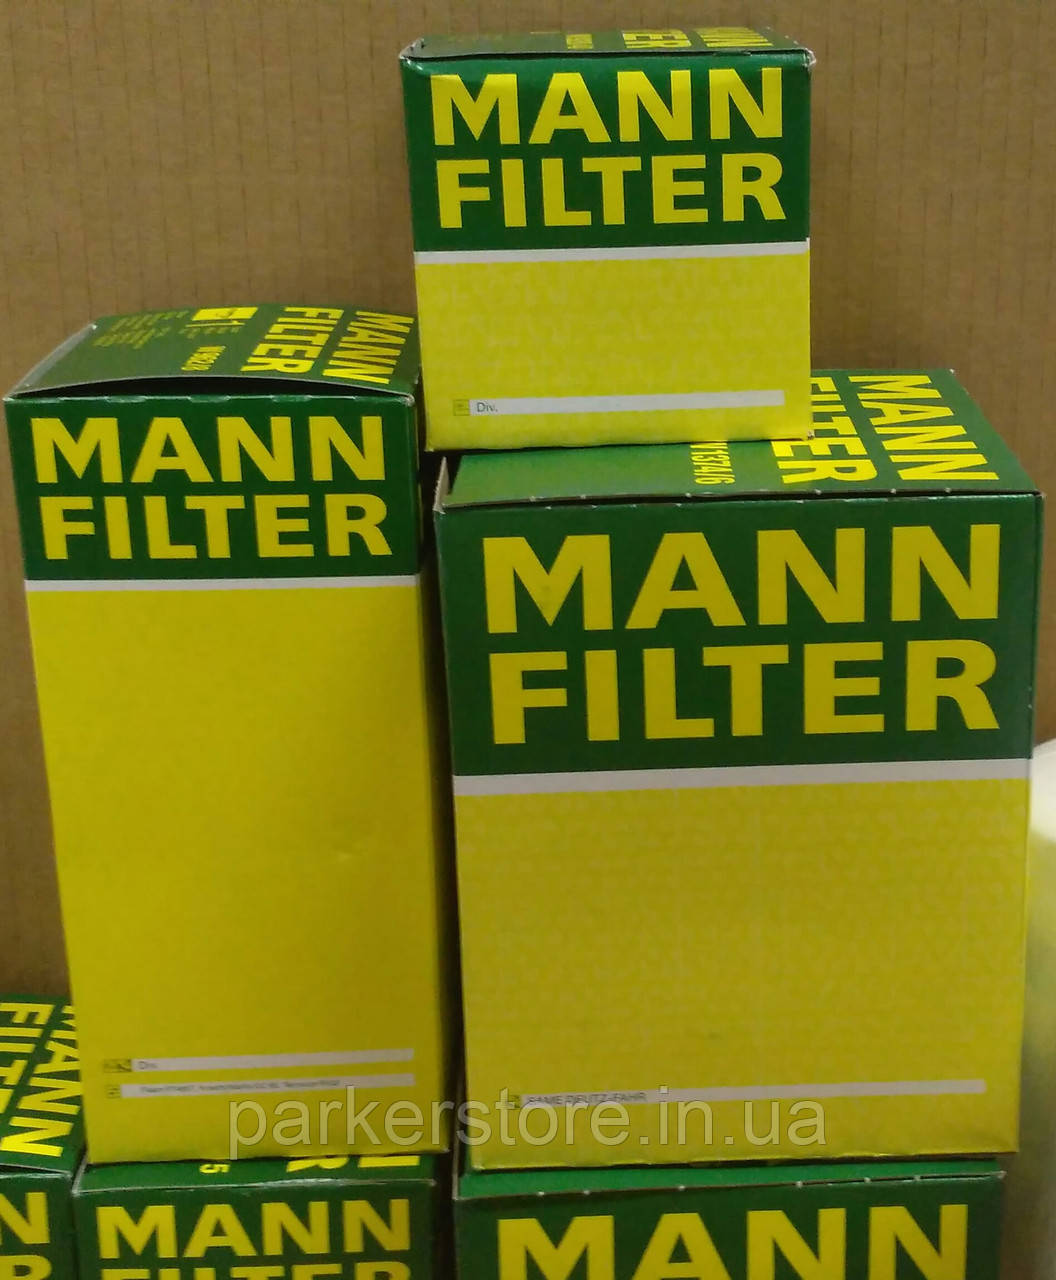 MANN FILTER / Повітряний фільтр / C 2953/1 / C2953/1